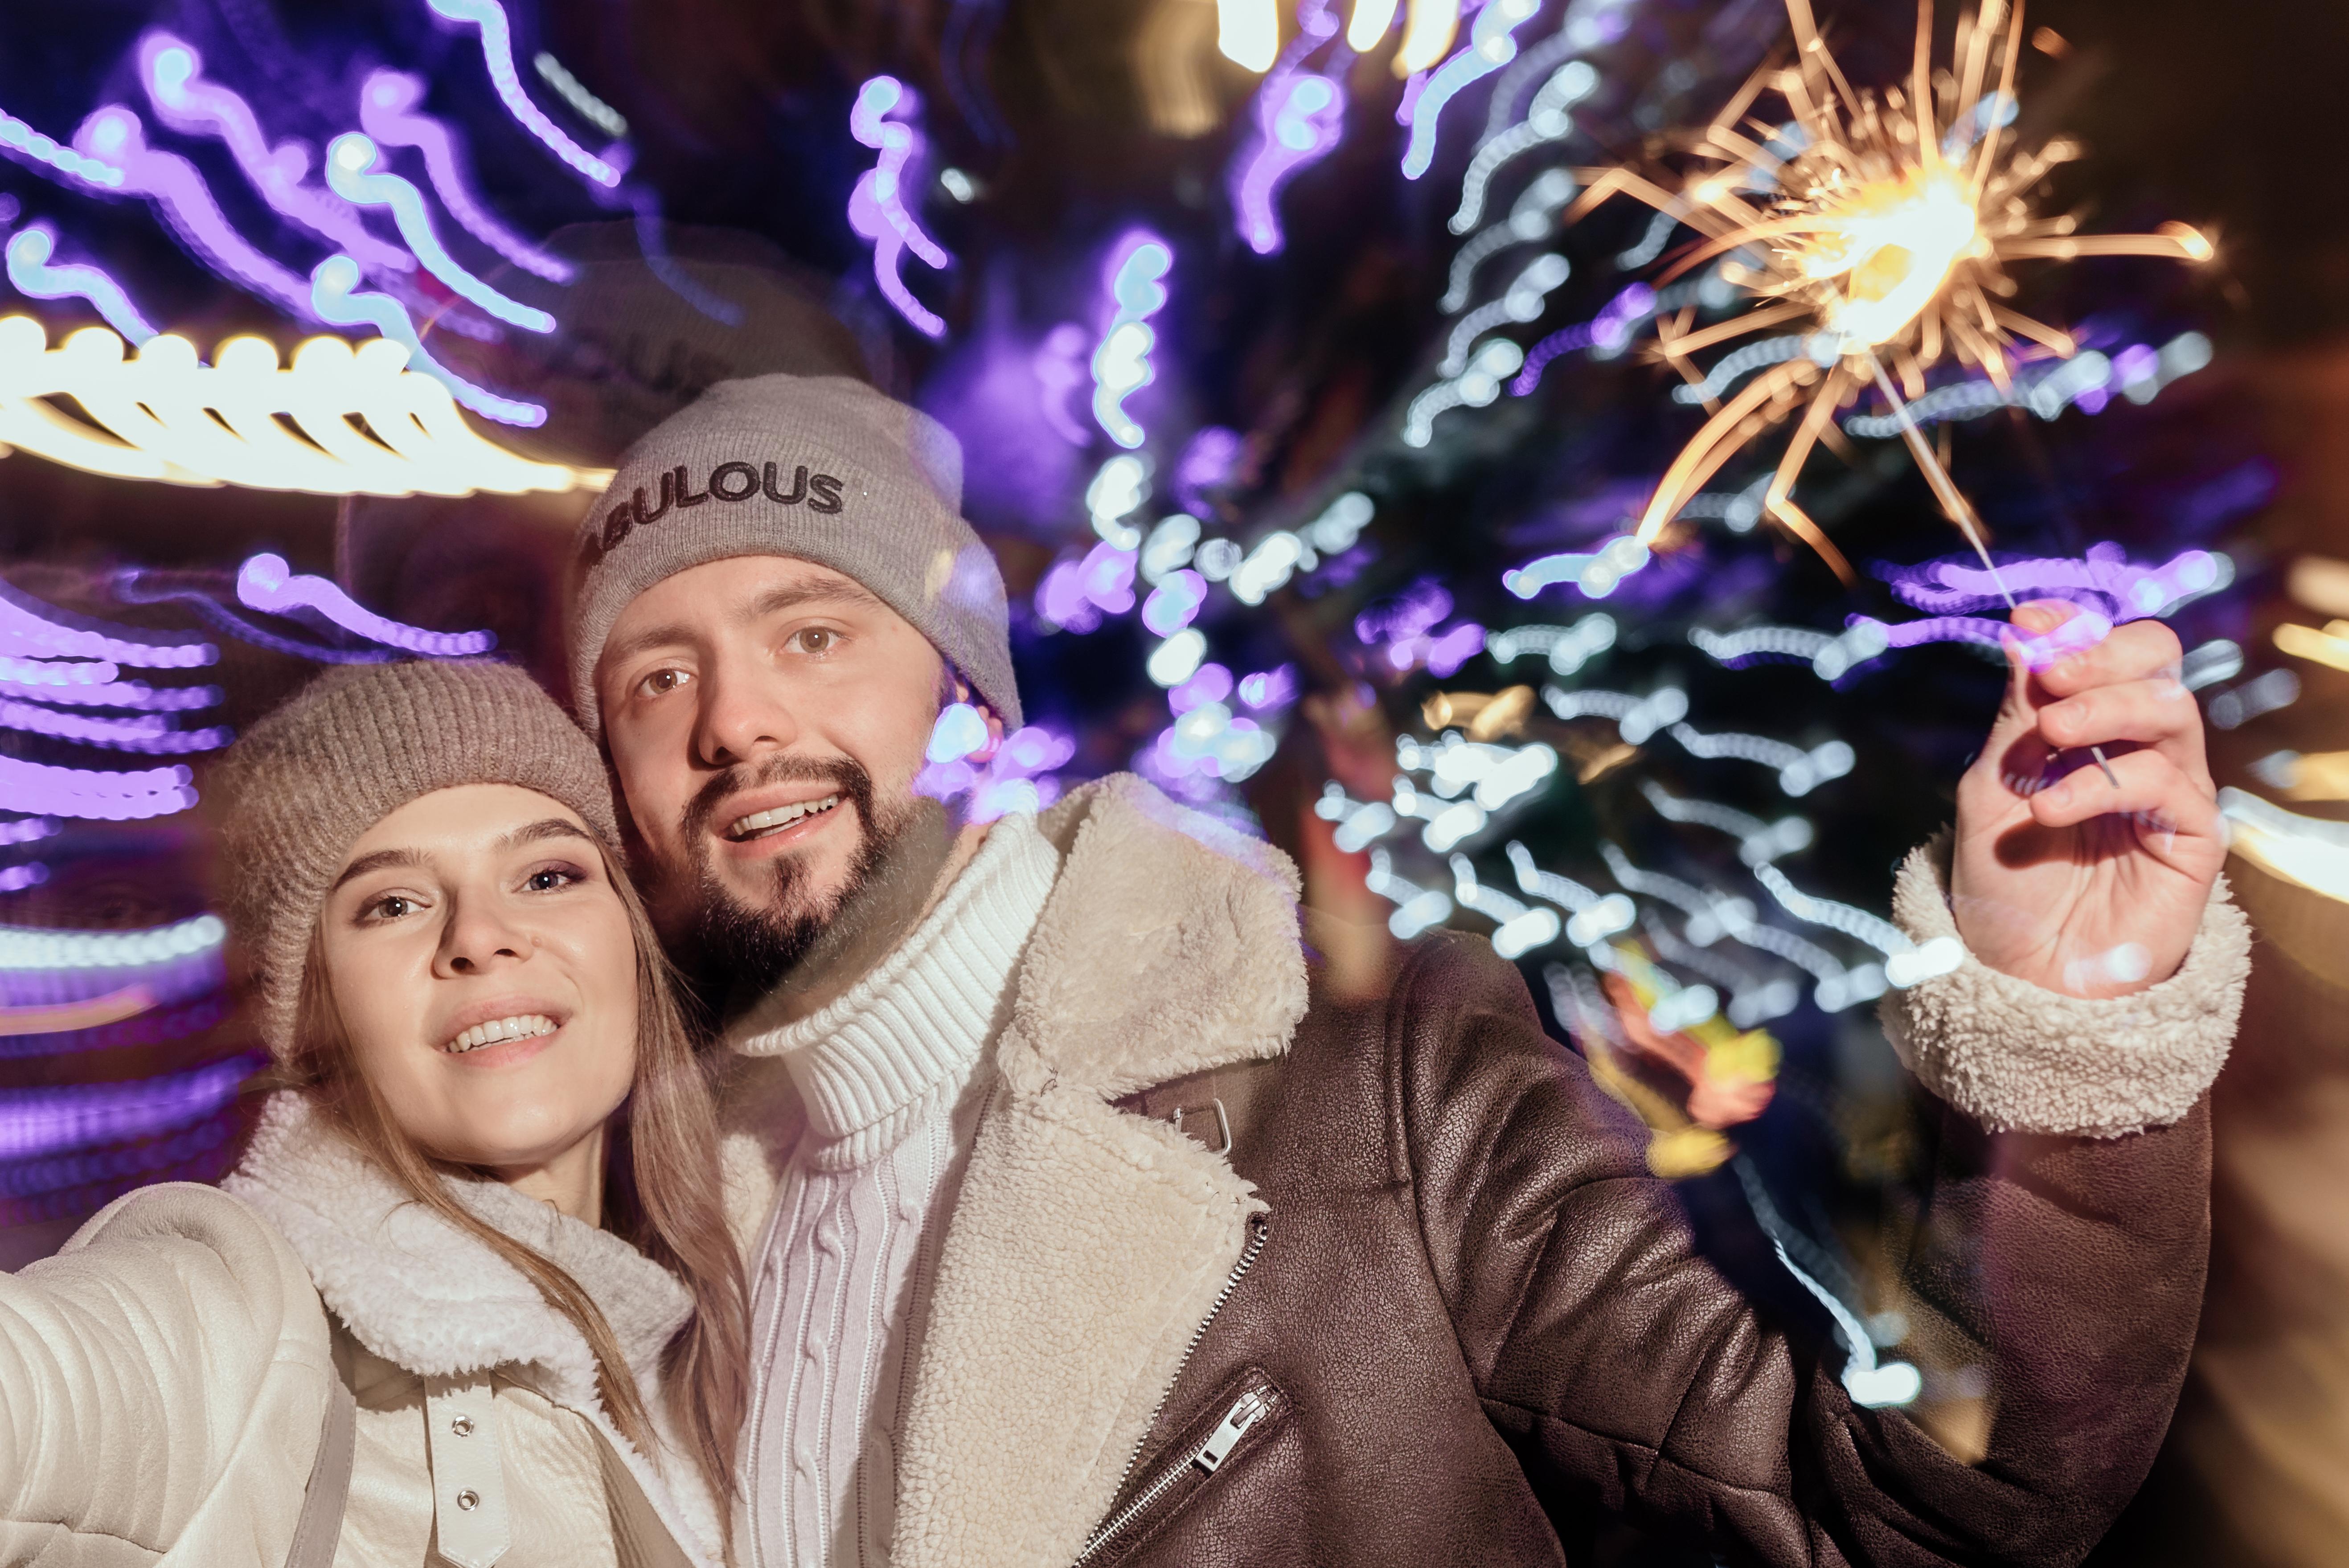 Фото Фотозйомка пари з в новорічній локації з використанням додаткового світла + обробка. Більше робіт в інстаграм trsphotozzz